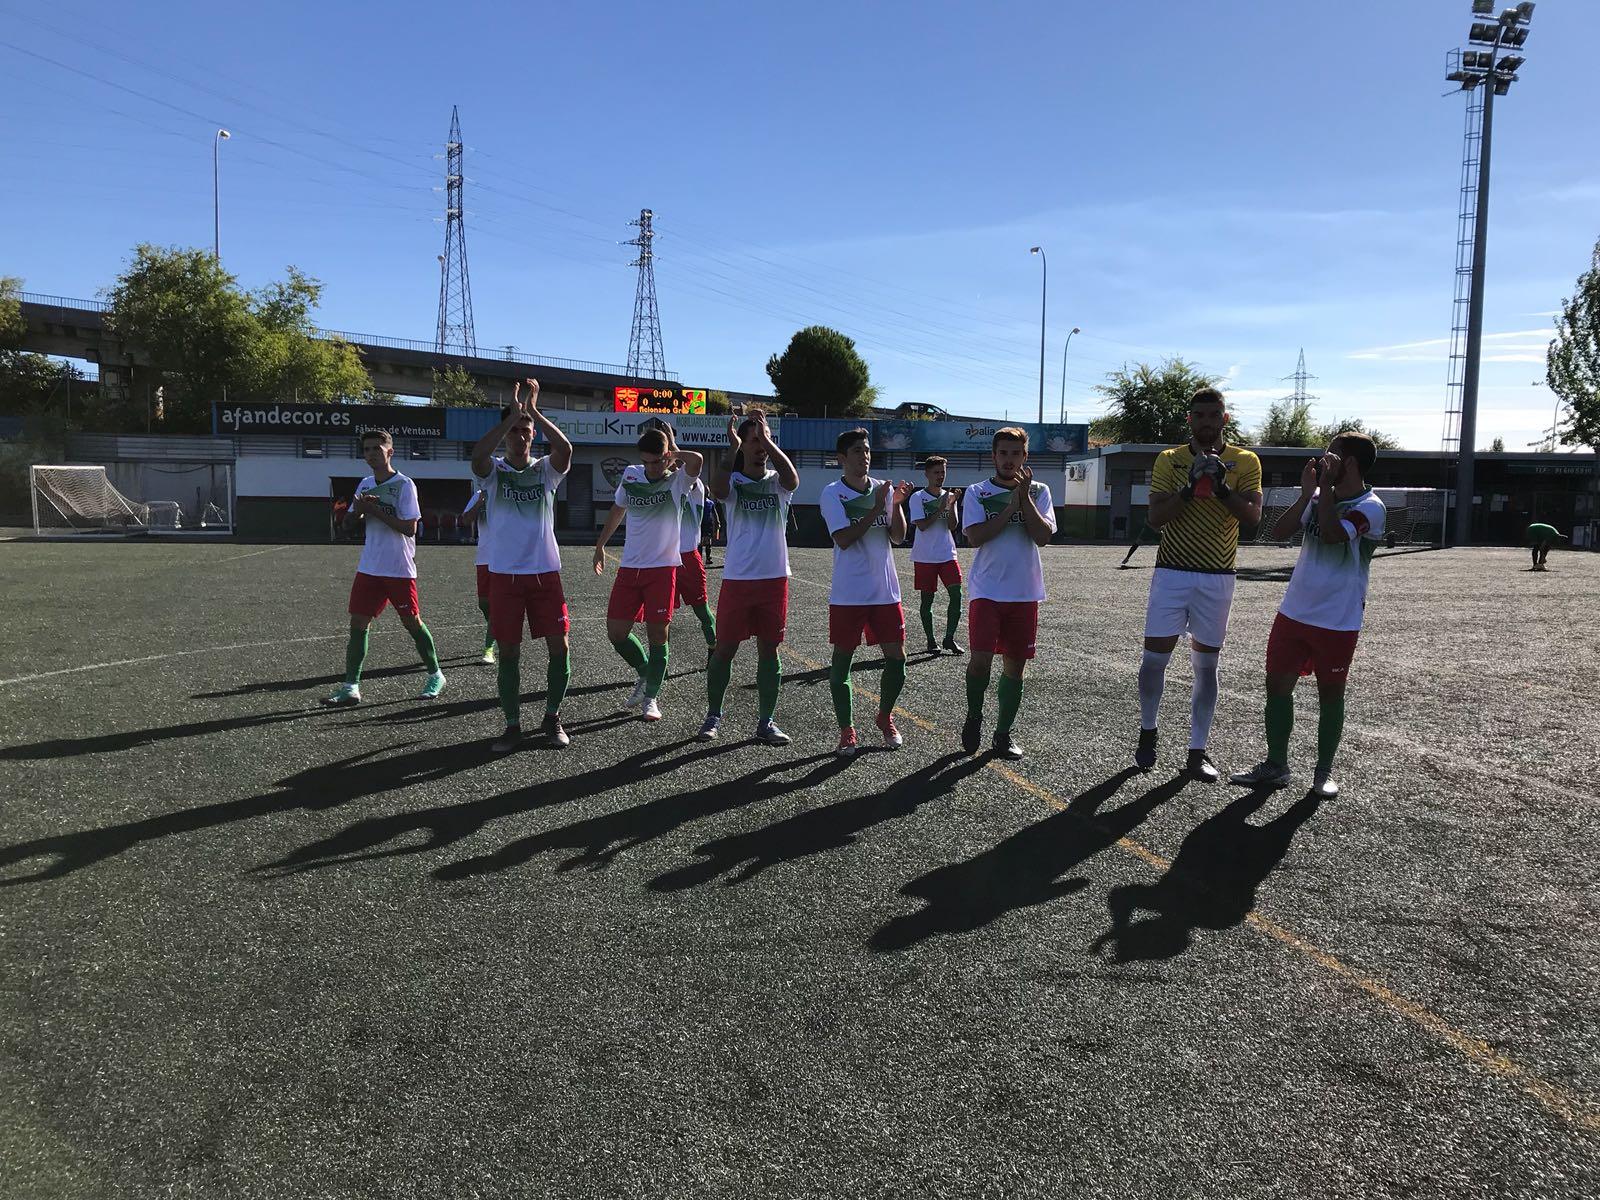 PREFERENTE/ Victoria trivalera en la cuarta jornada de liga frente al C.D. Sitio Aranjuez